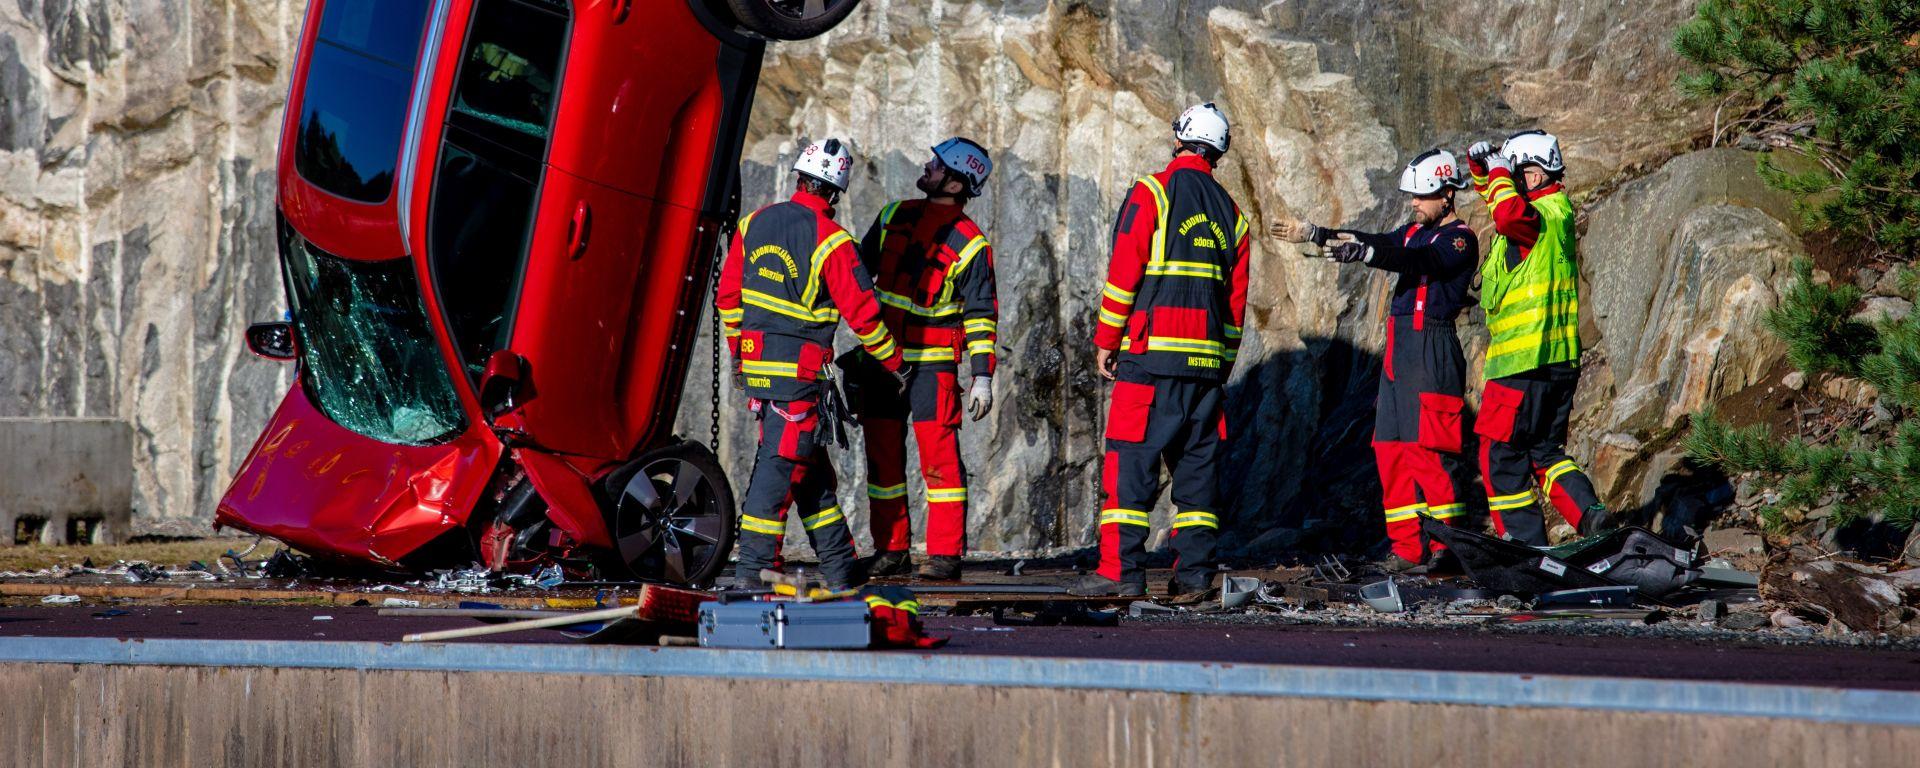 [VIDEO] Volvo: il crash test più estremo, da 30 metri di altezza